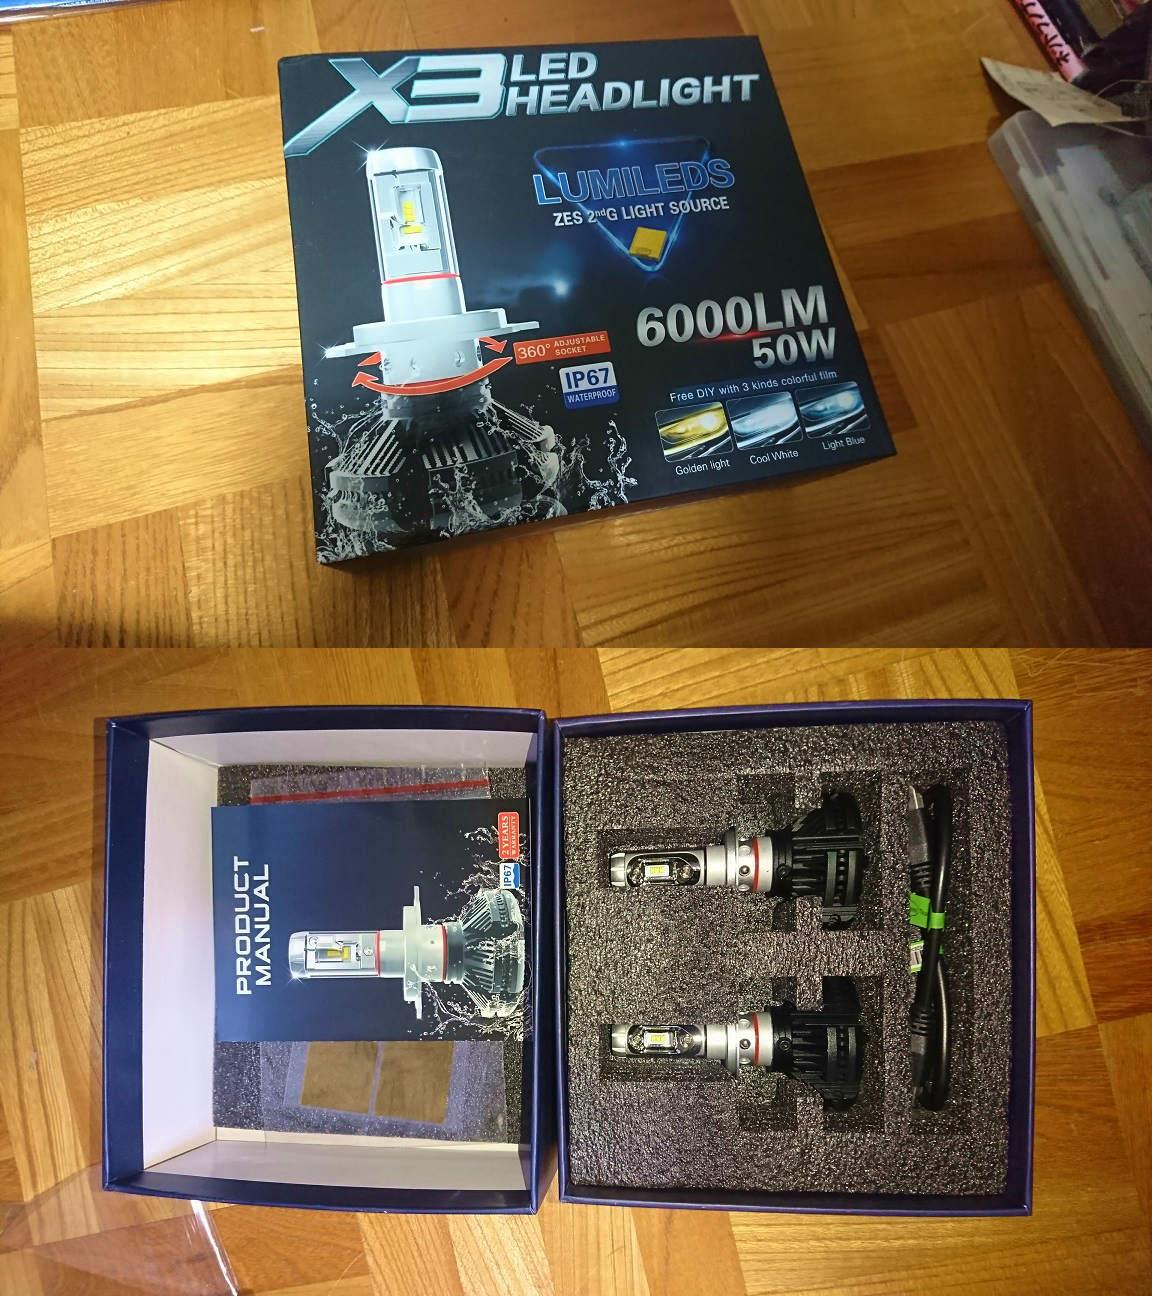 ハイビーム LED化(エリートSPLランプユニット)